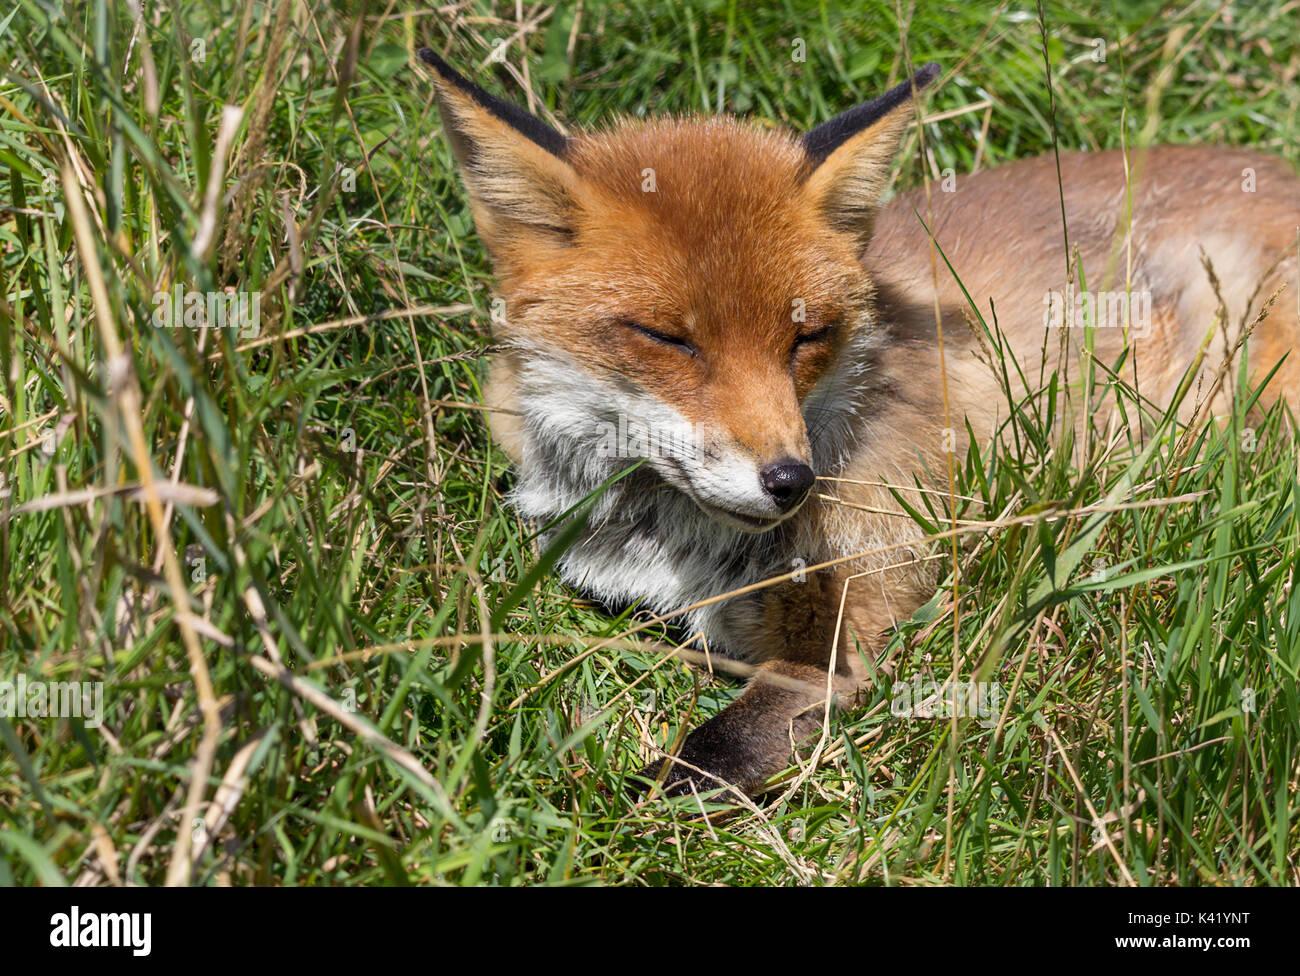 Fox Vulpes vulpes ressemblant à un chien se détendre dans de bonnes conditions météorologiques. Fourrure rouge orange et queue touffue. Ce renard est à la British Wildlife Centre Surrey UK. Photo Stock